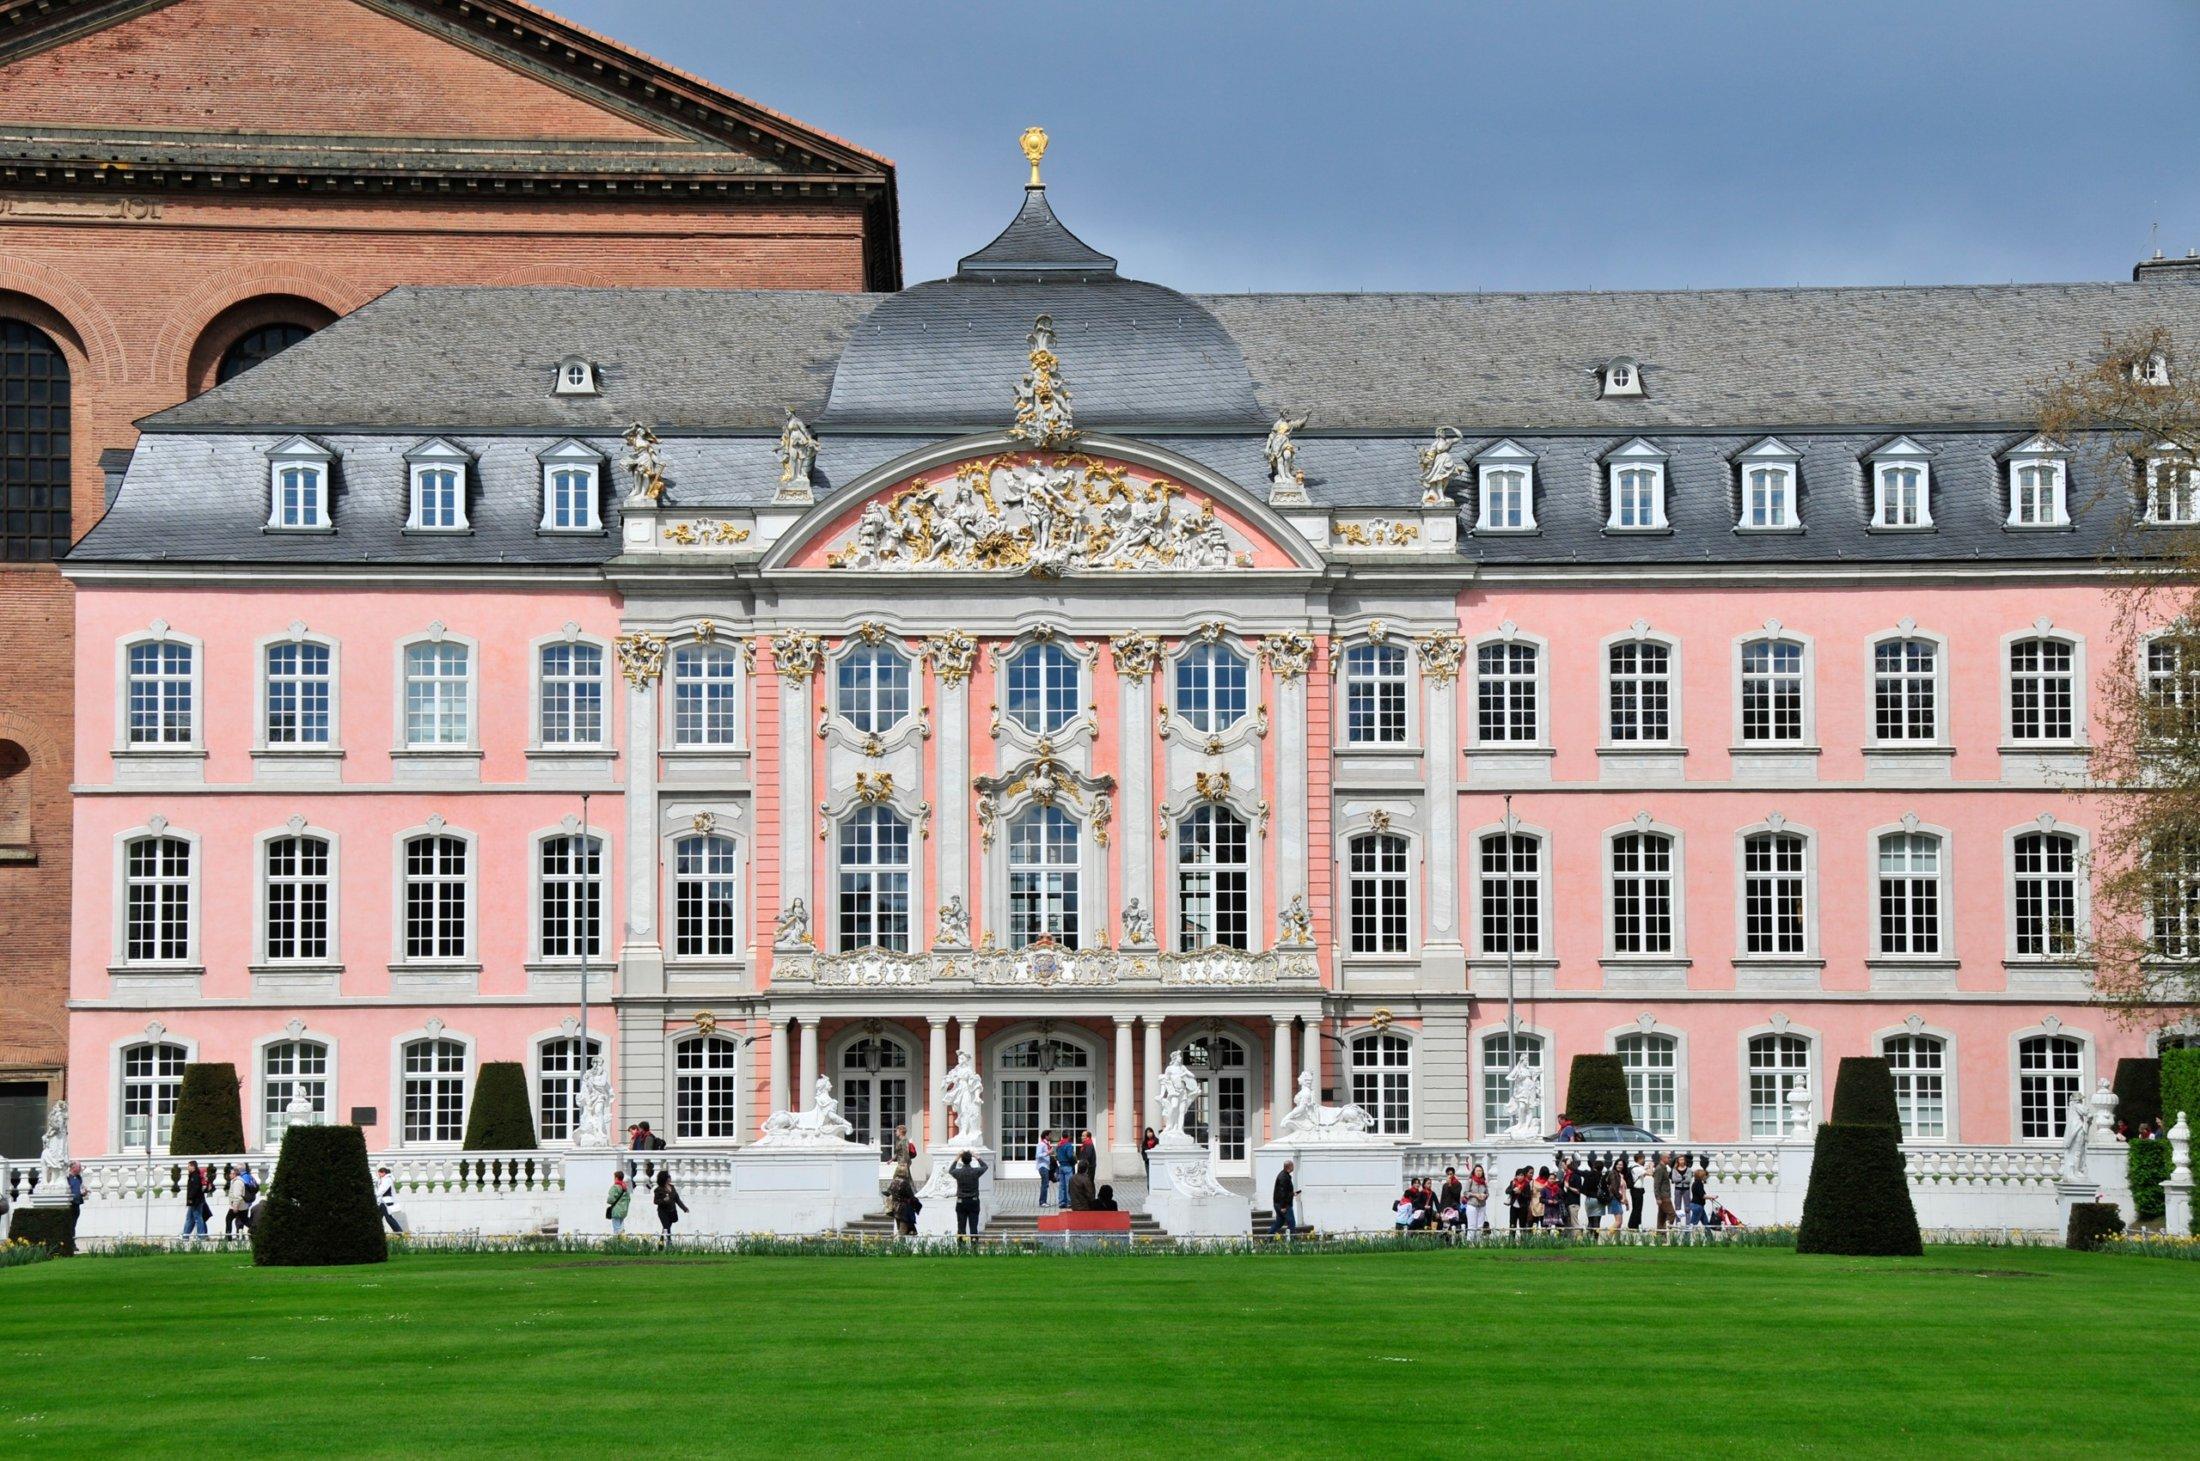 Trier park and castle